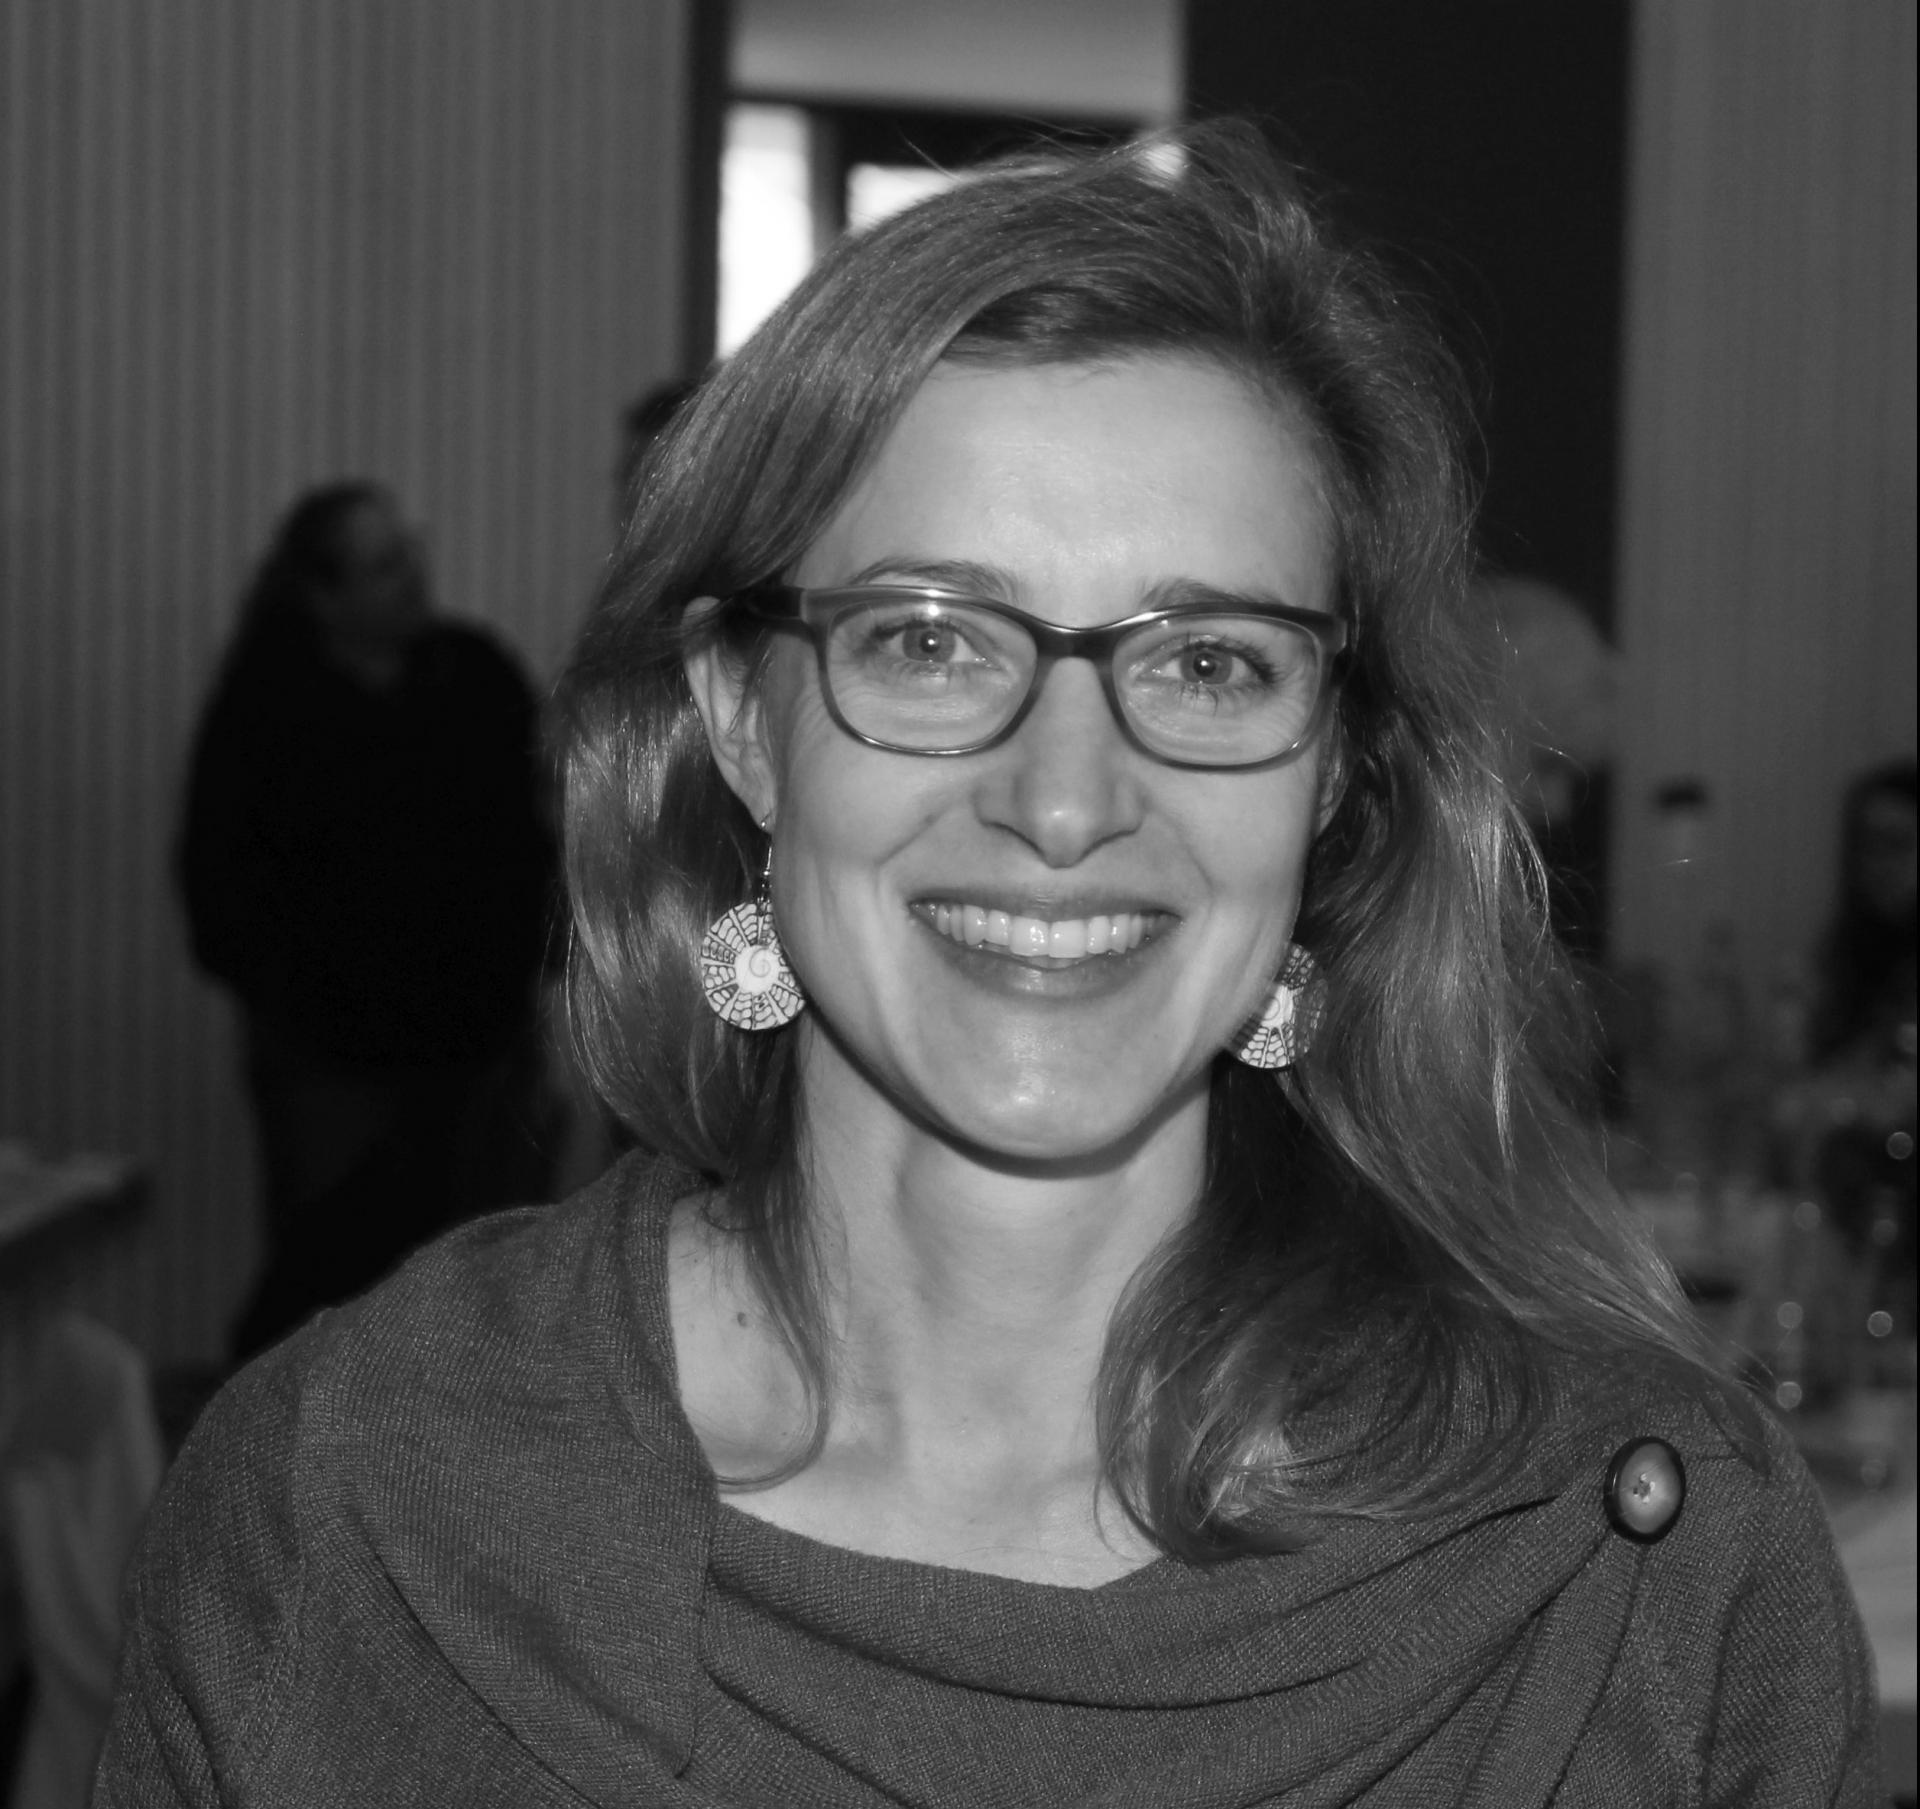 Vanja Seger